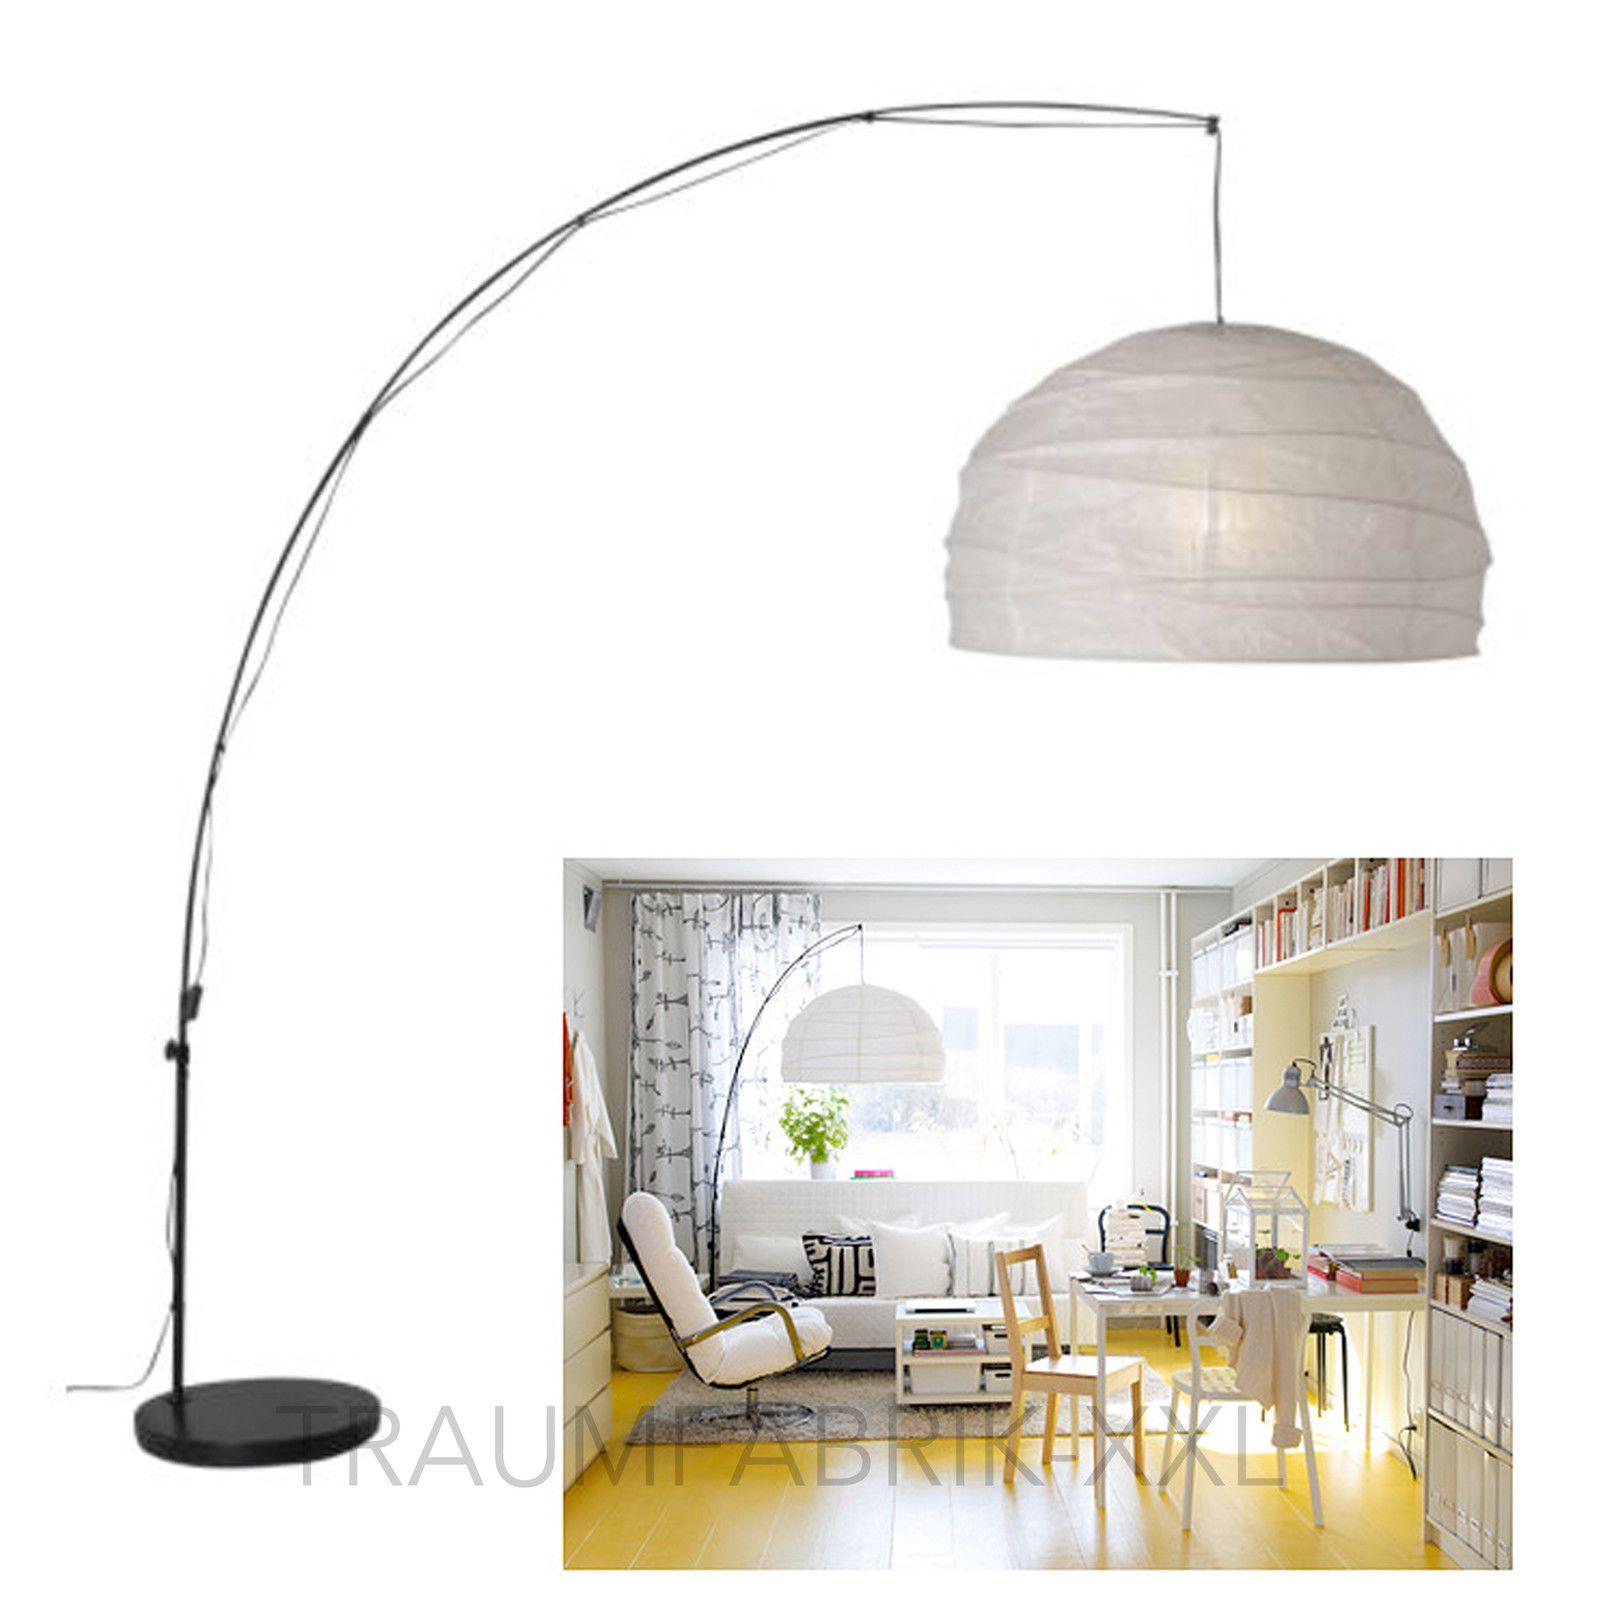 Full Size of Stehlampe Ikea Gold Regolit Xxl Lounge Lampe Sofa Mit Schlaffunktion Wohnzimmer Schlafzimmer Betten 160x200 Stehlampen Bei Modulküche Küche Kosten Kaufen Wohnzimmer Stehlampe Ikea